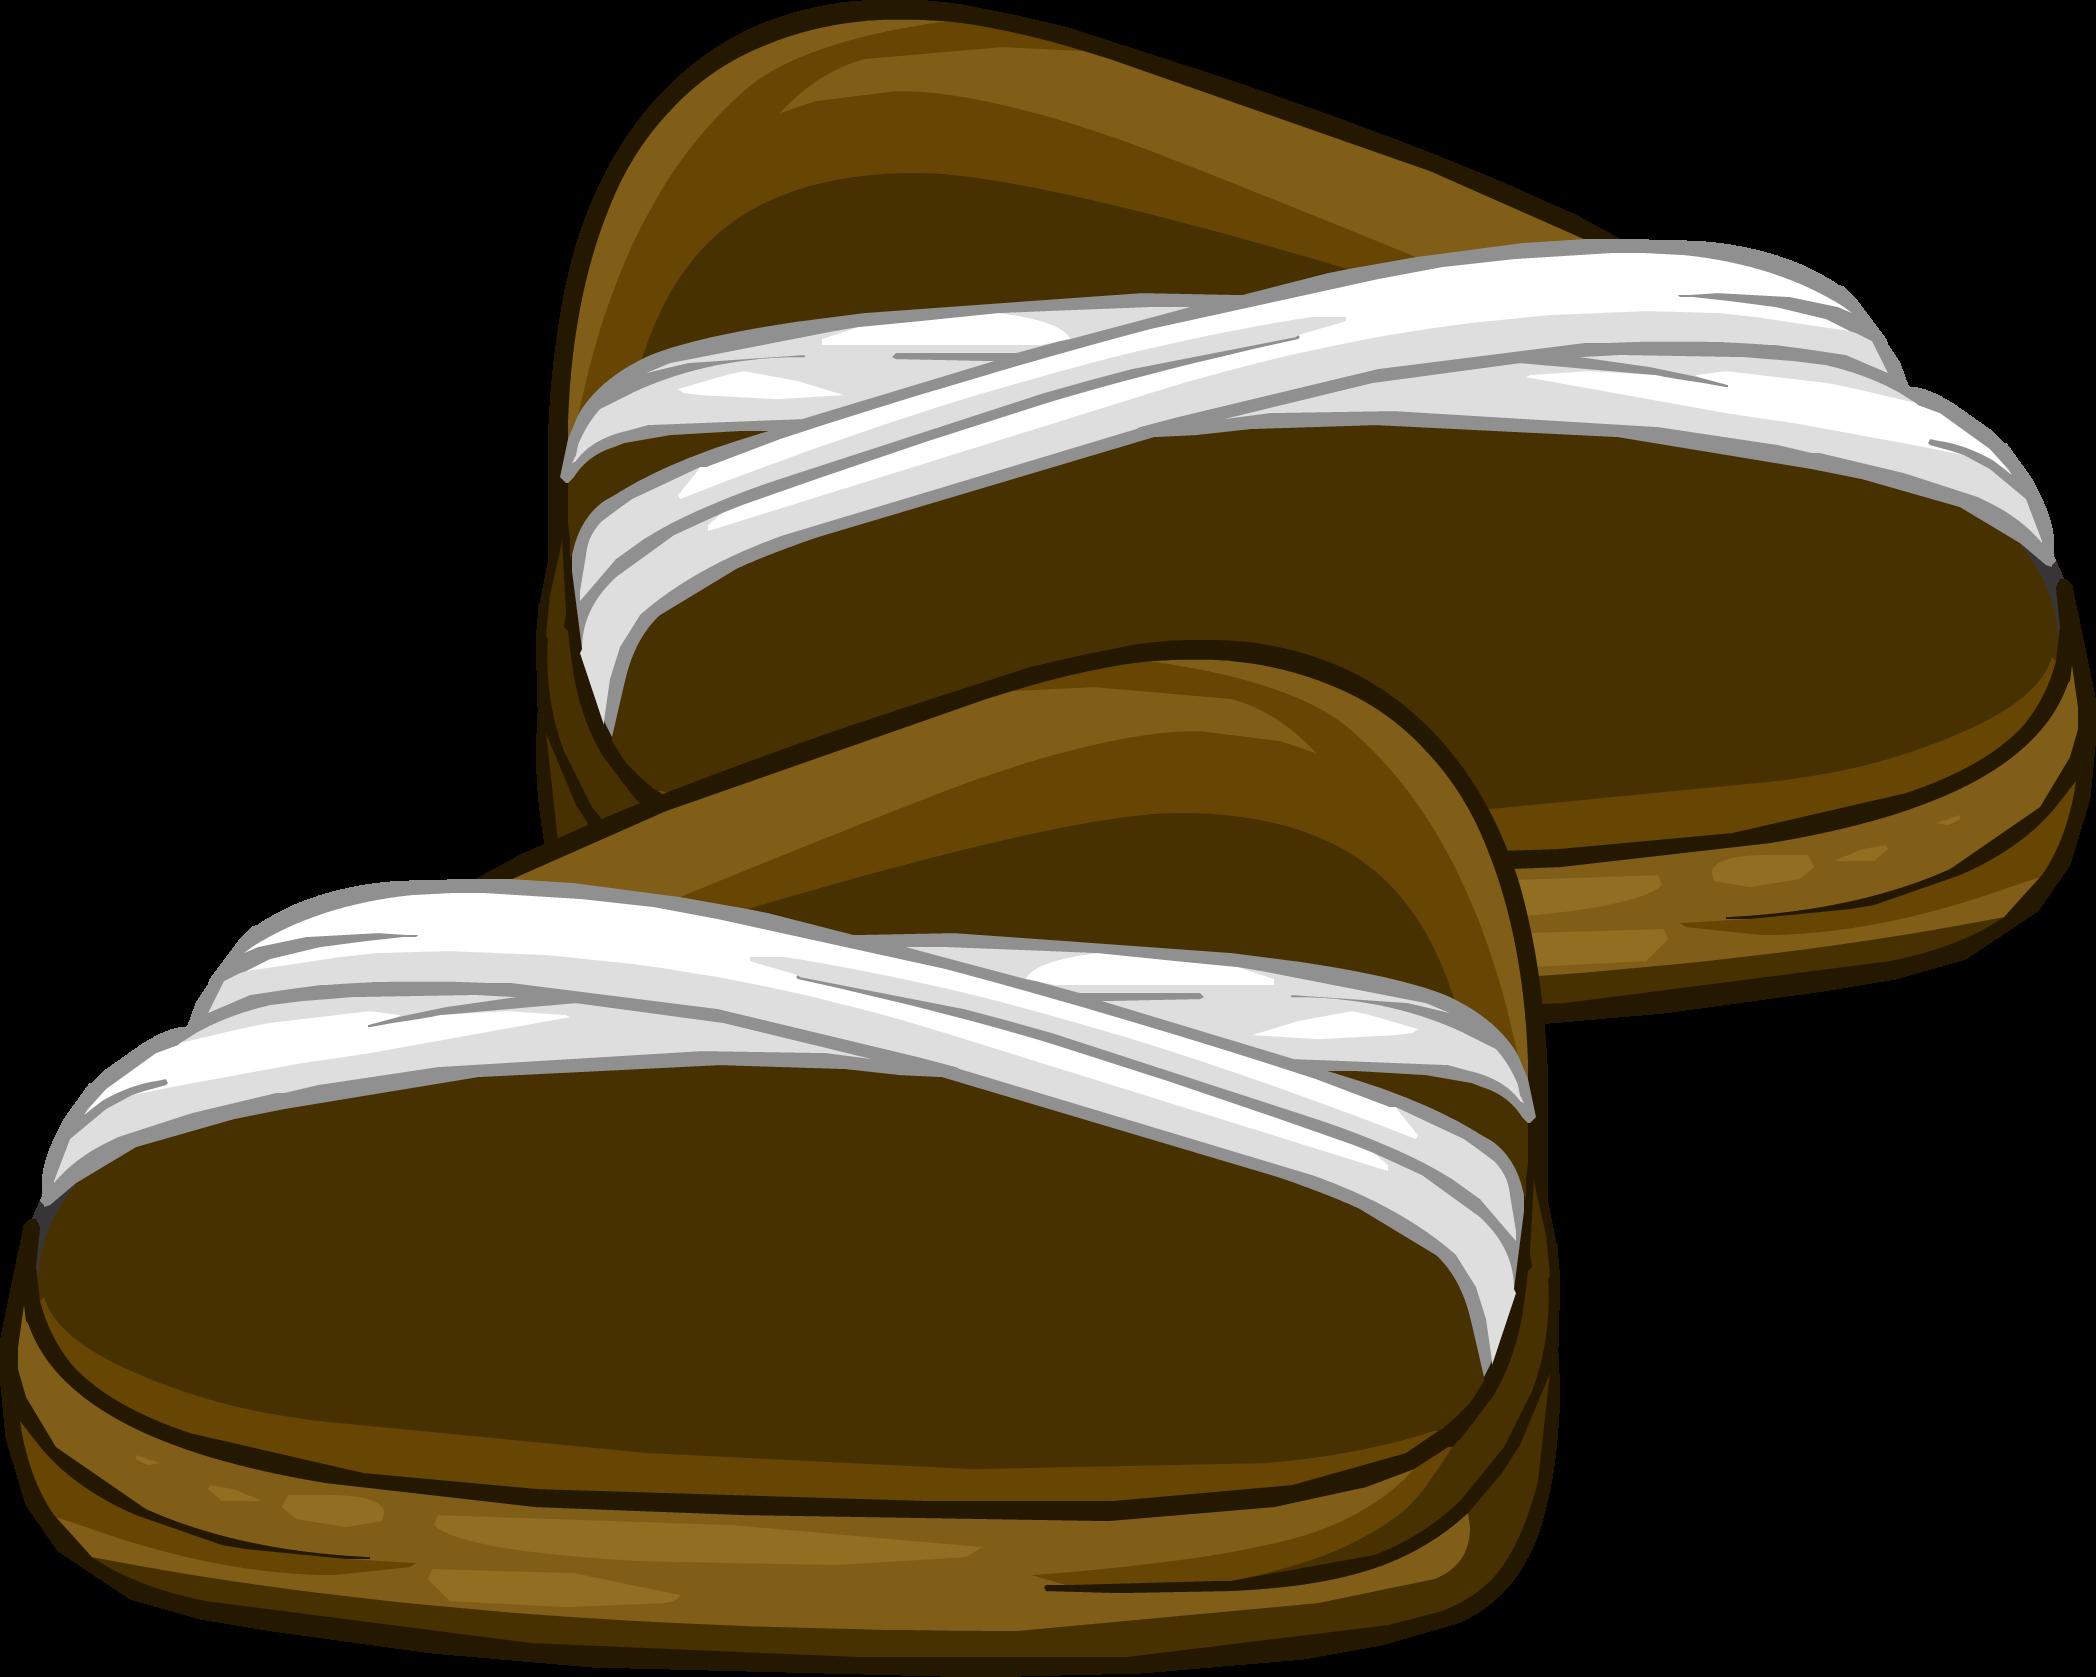 Cotton clipart coton. Sandals club penguin wiki